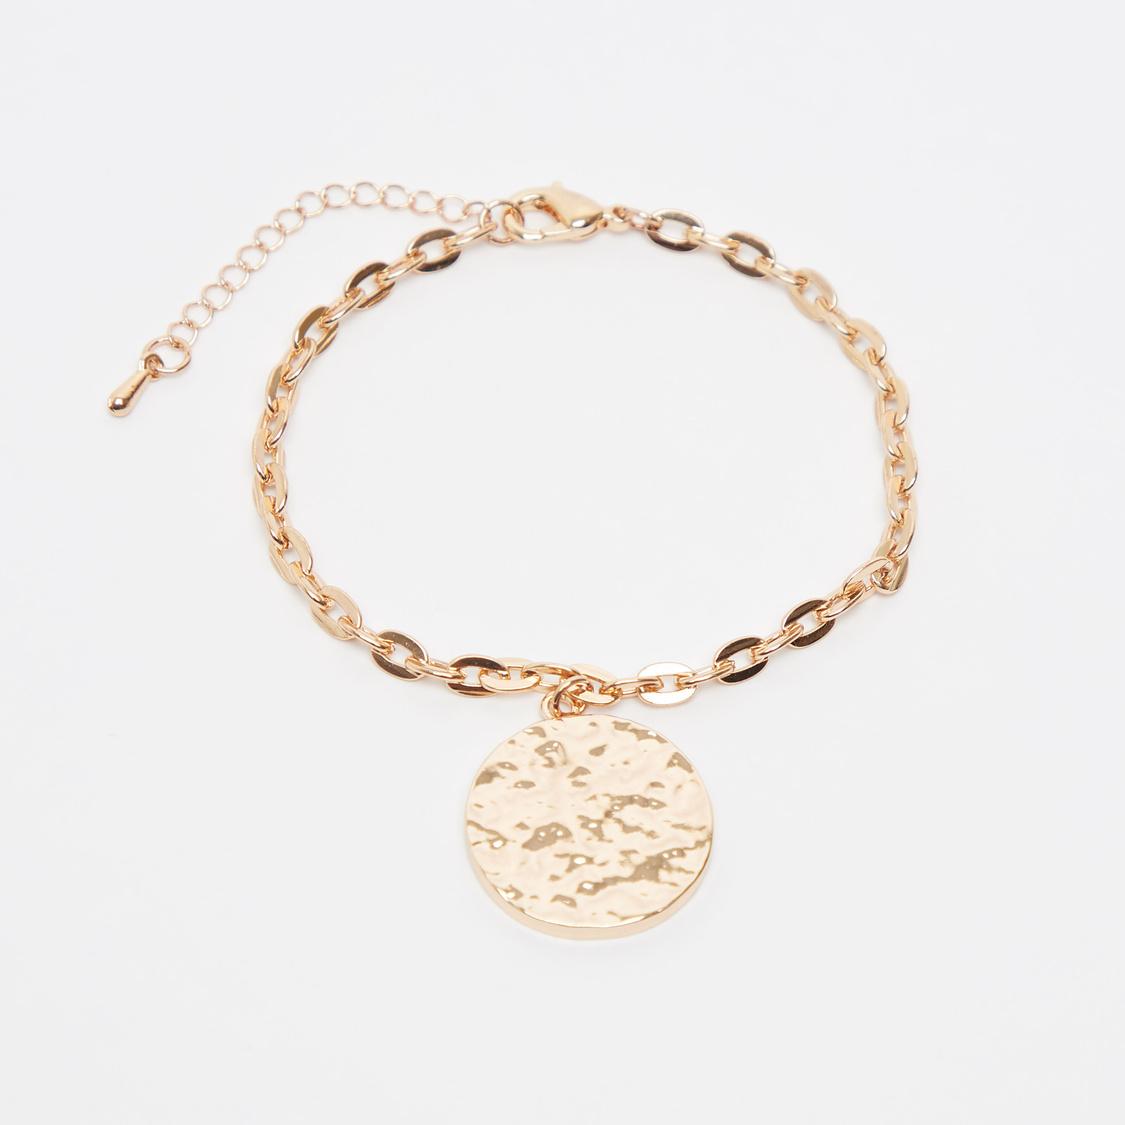 Set of 5 - Embellished Bracelet with Lobster Clasp